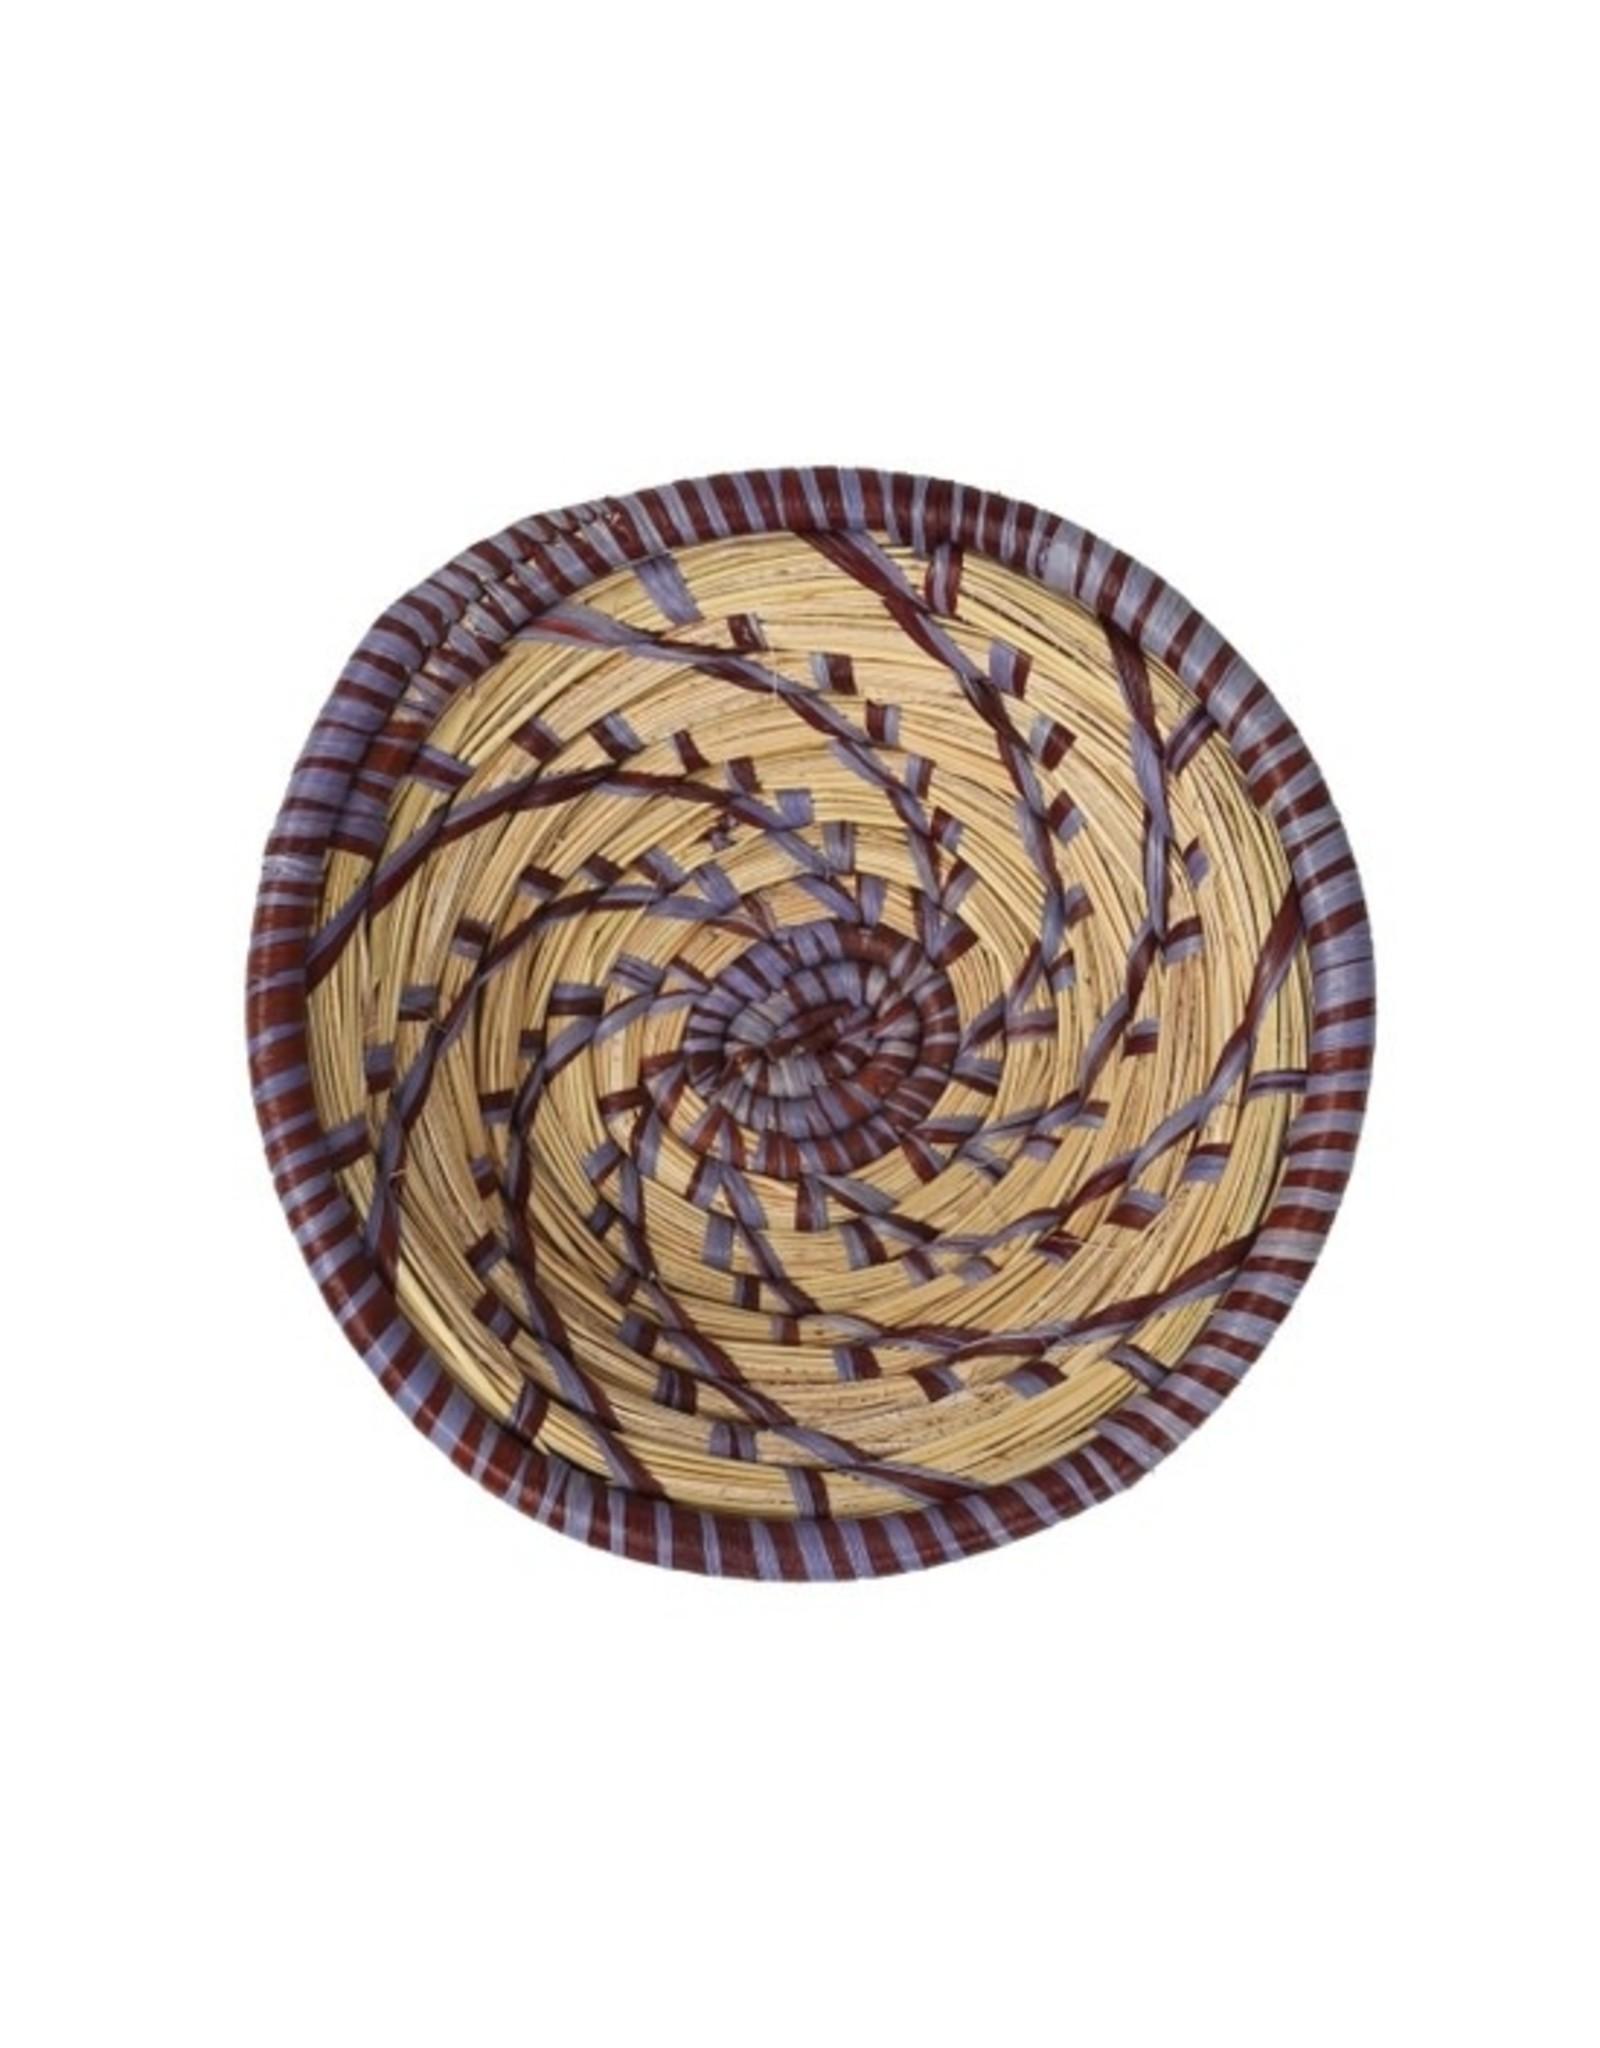 TTV USA Grapevine Raffia Basket, Uganda